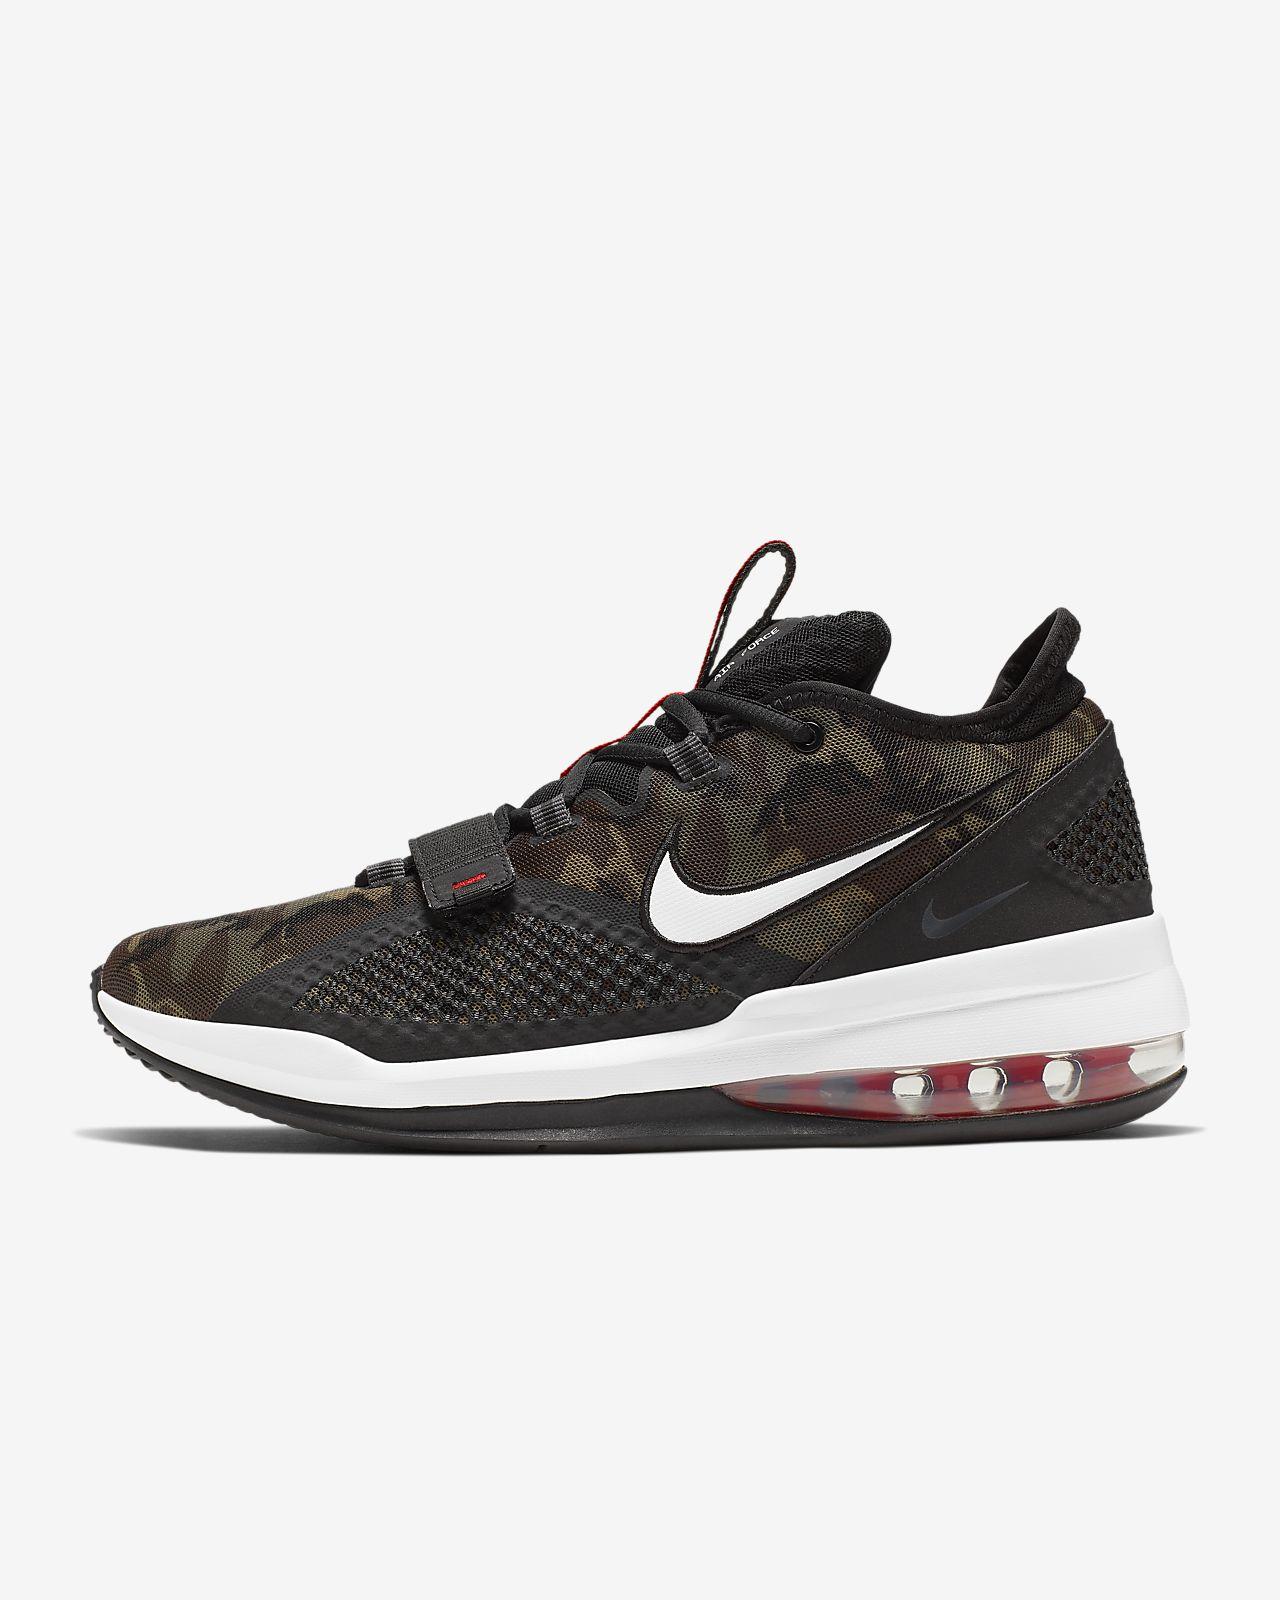 Παπούτσι μπάσκετ Nike Air Force Max Low